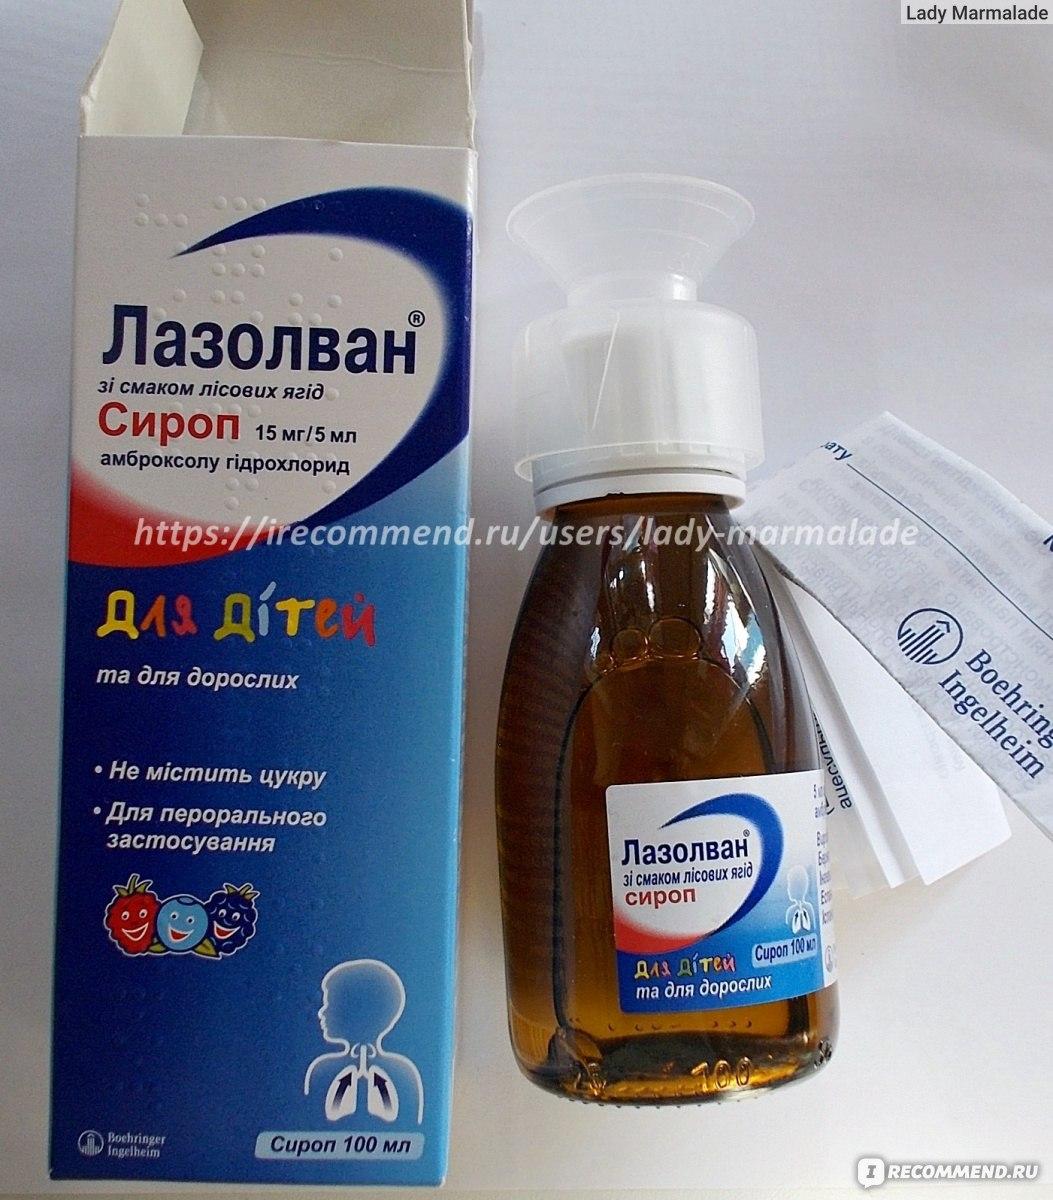 Что лучше амброксол или бромгексин при кашле